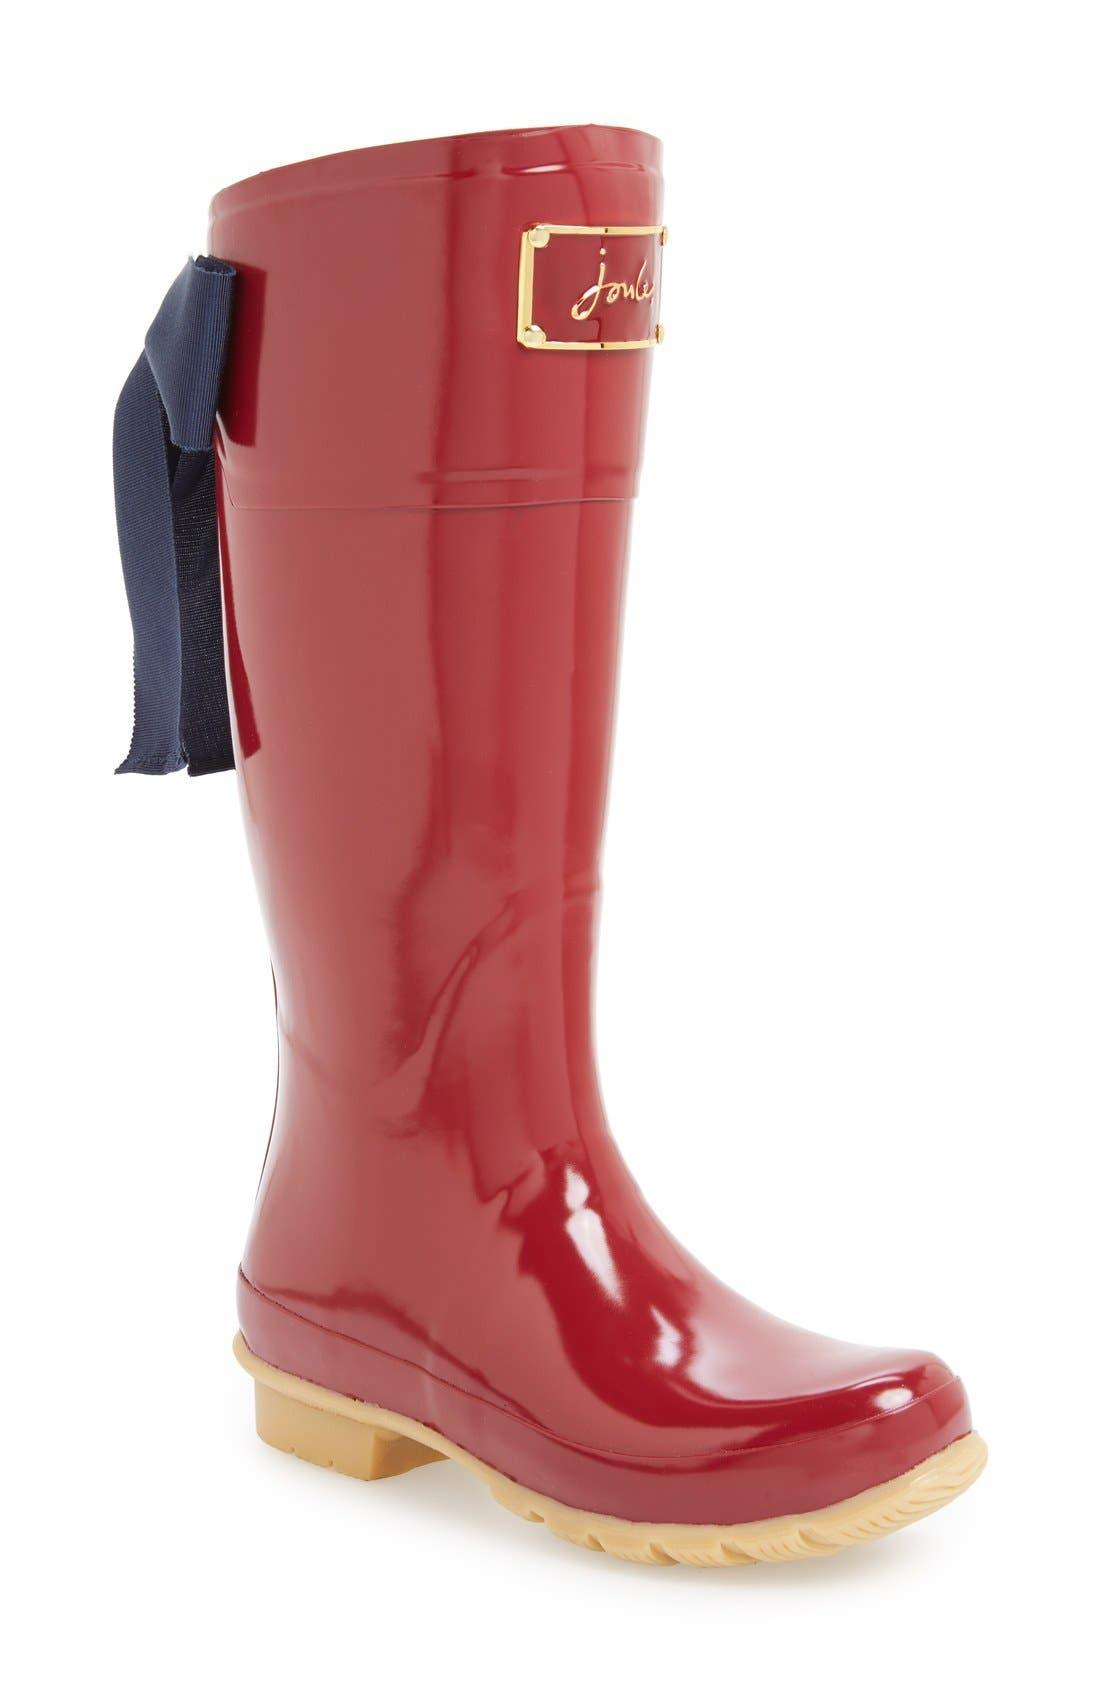 Main Image - Joules 'Evedon' Rain Boot (Women)